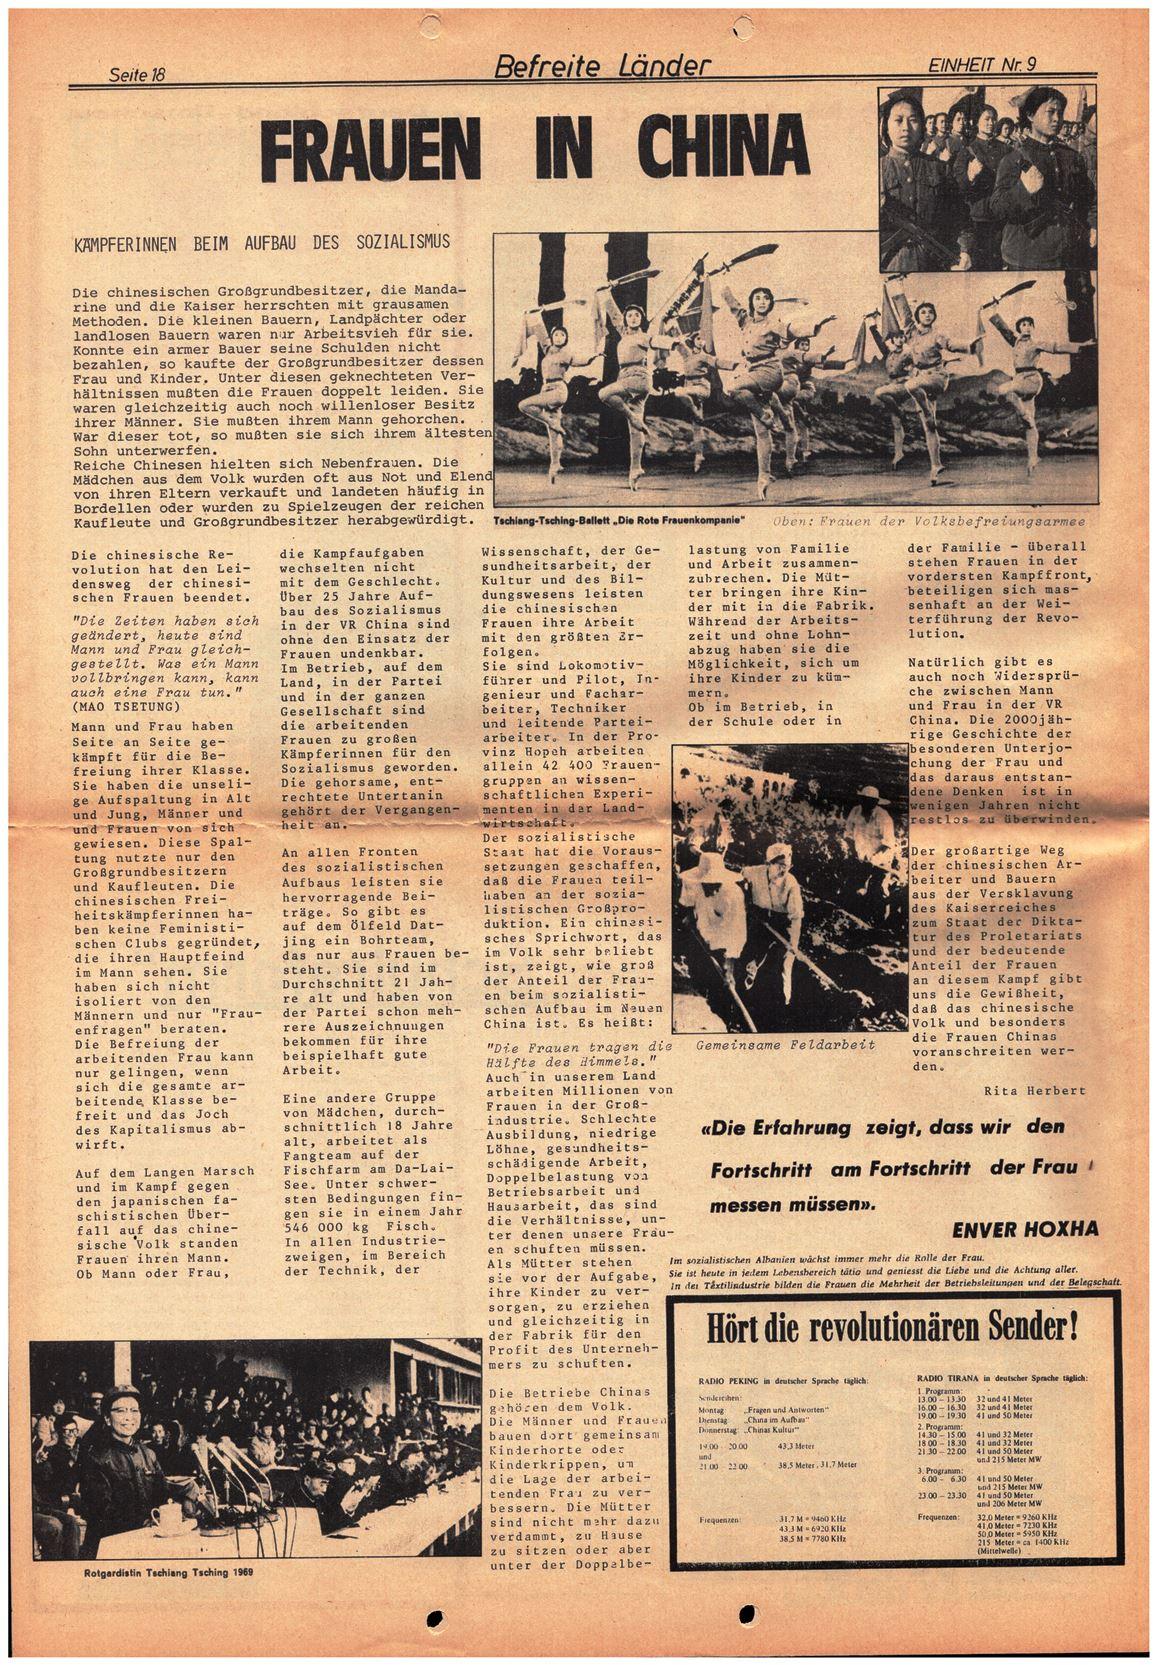 Koeln_IPdA_Einheit_1976_009_016